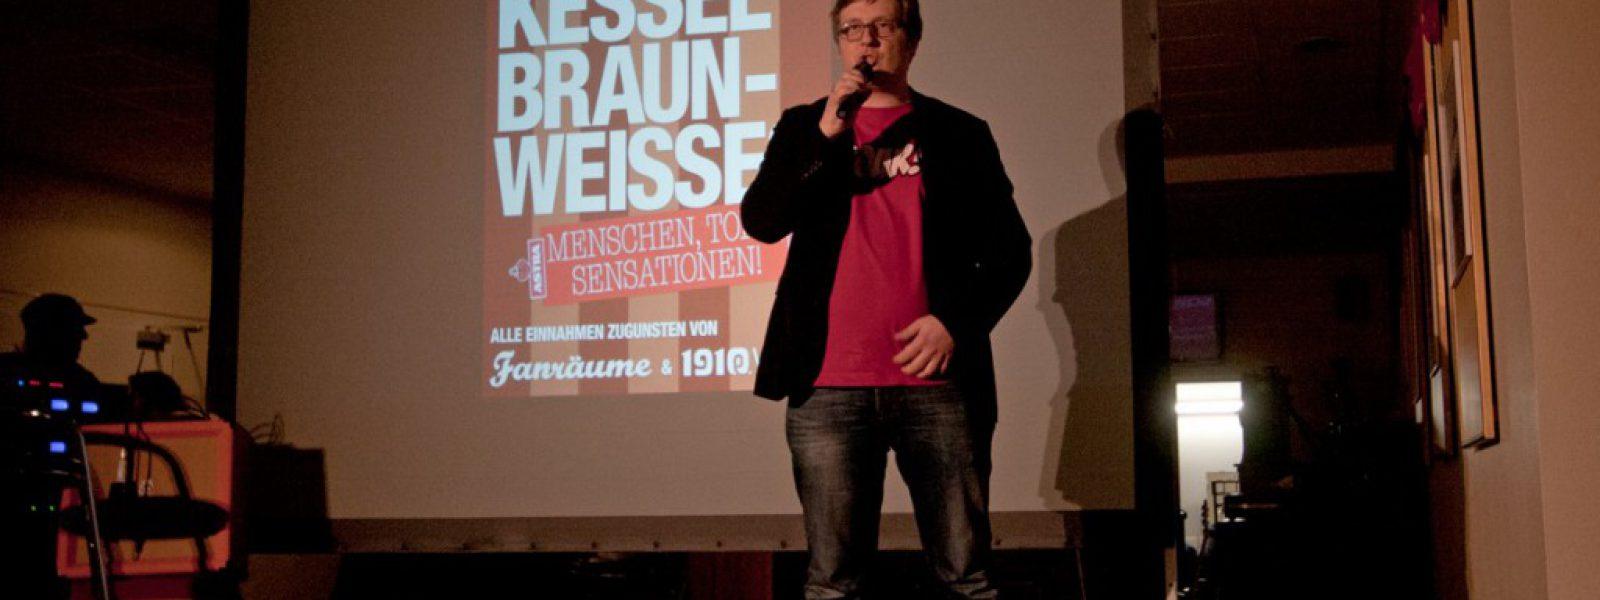 Zwei Kessel Braun Weisses (Foto Antje Frohmüller)_13